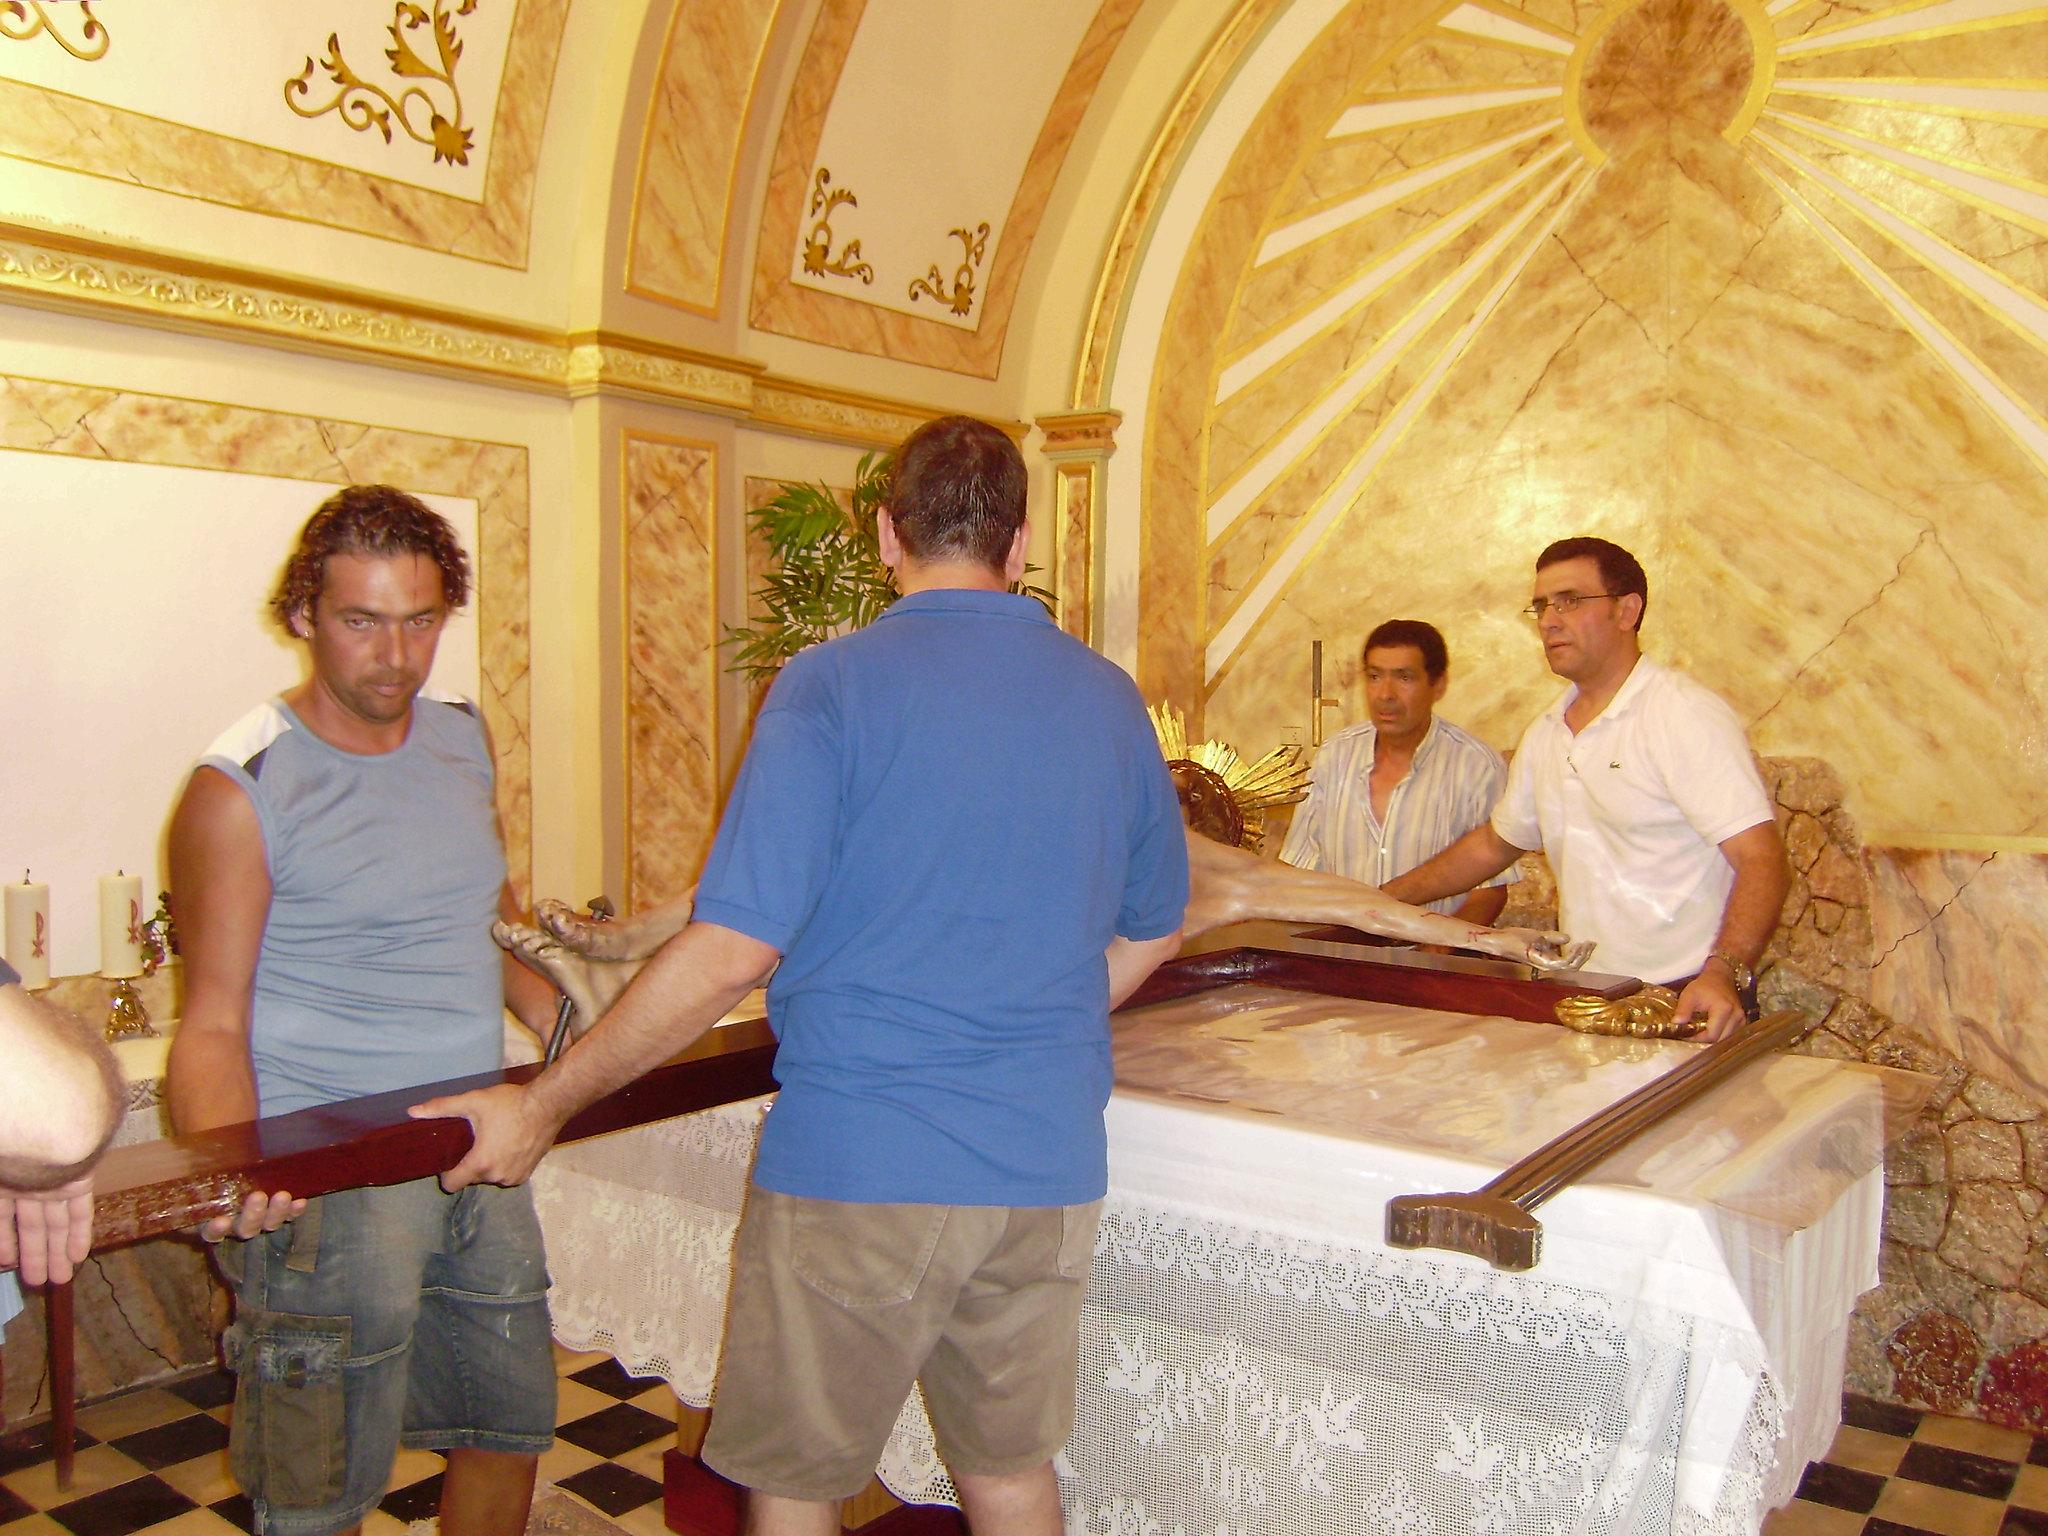 (2009-06-04) - Preparativos - Javier Romero Ripoll - (02)